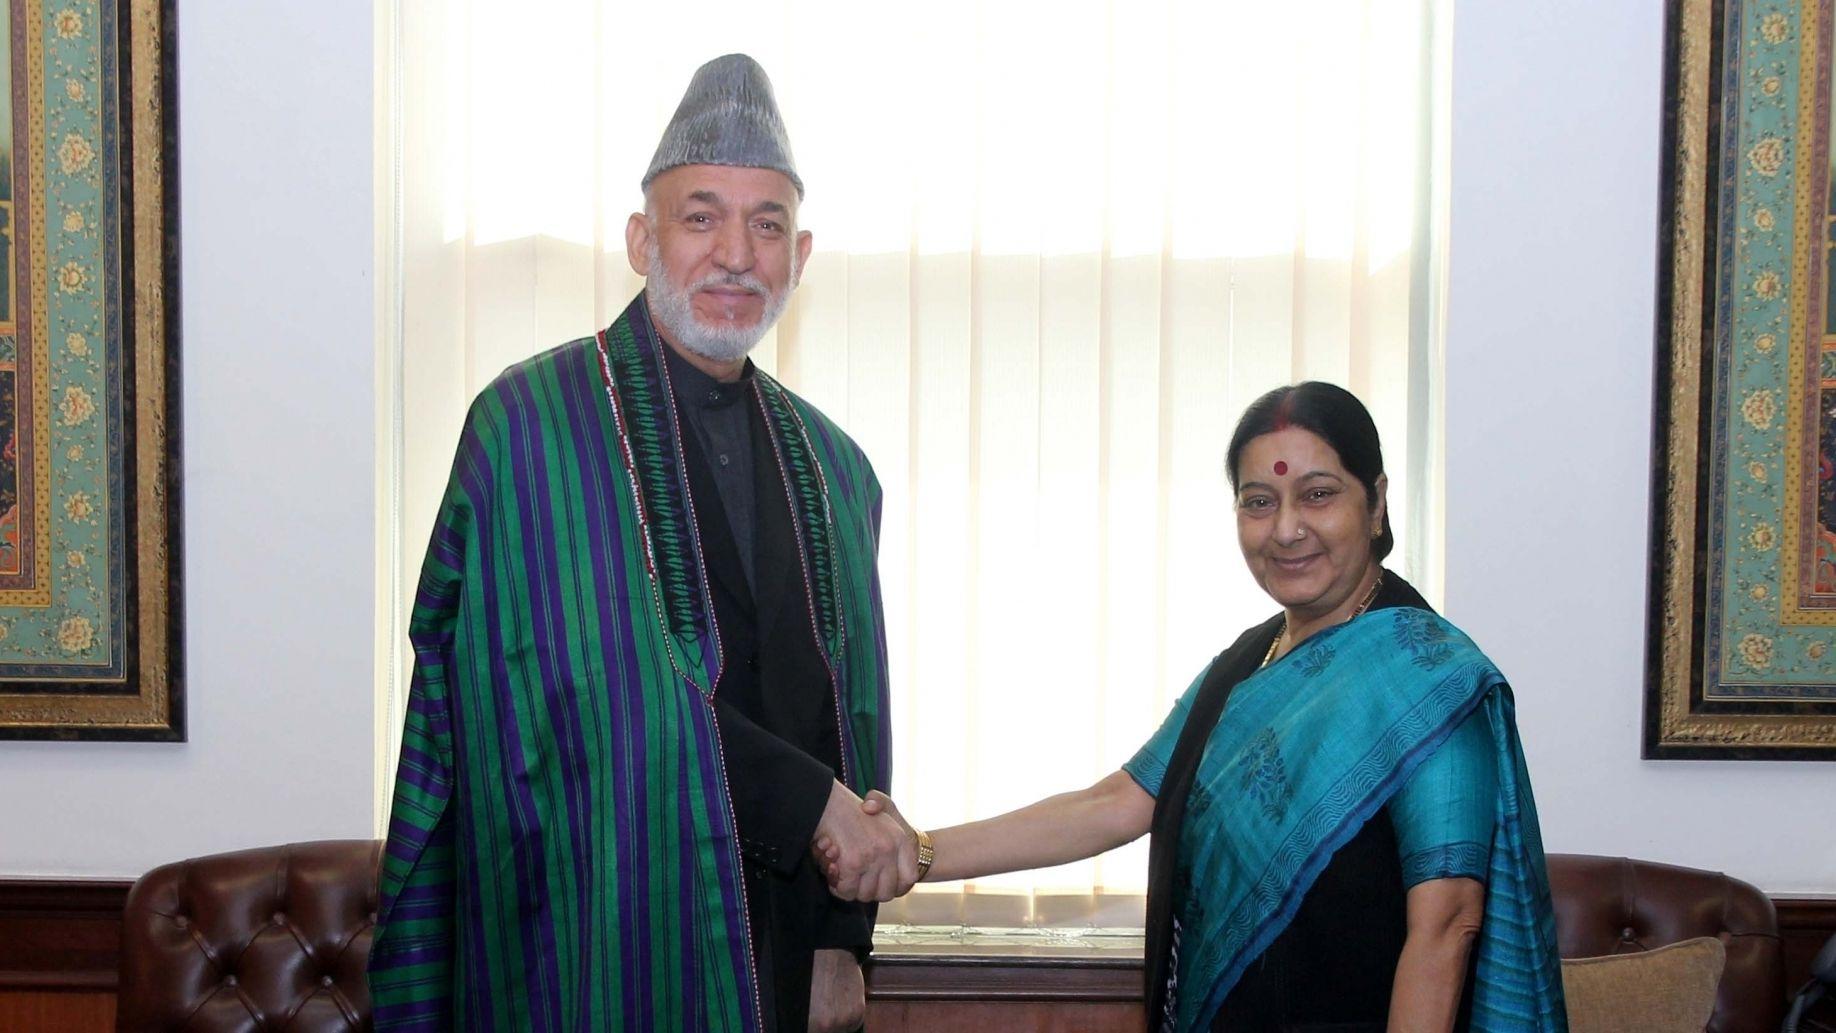 afghanistan : jayashankar confuses india foreign policy on taliban - Satya Hindi